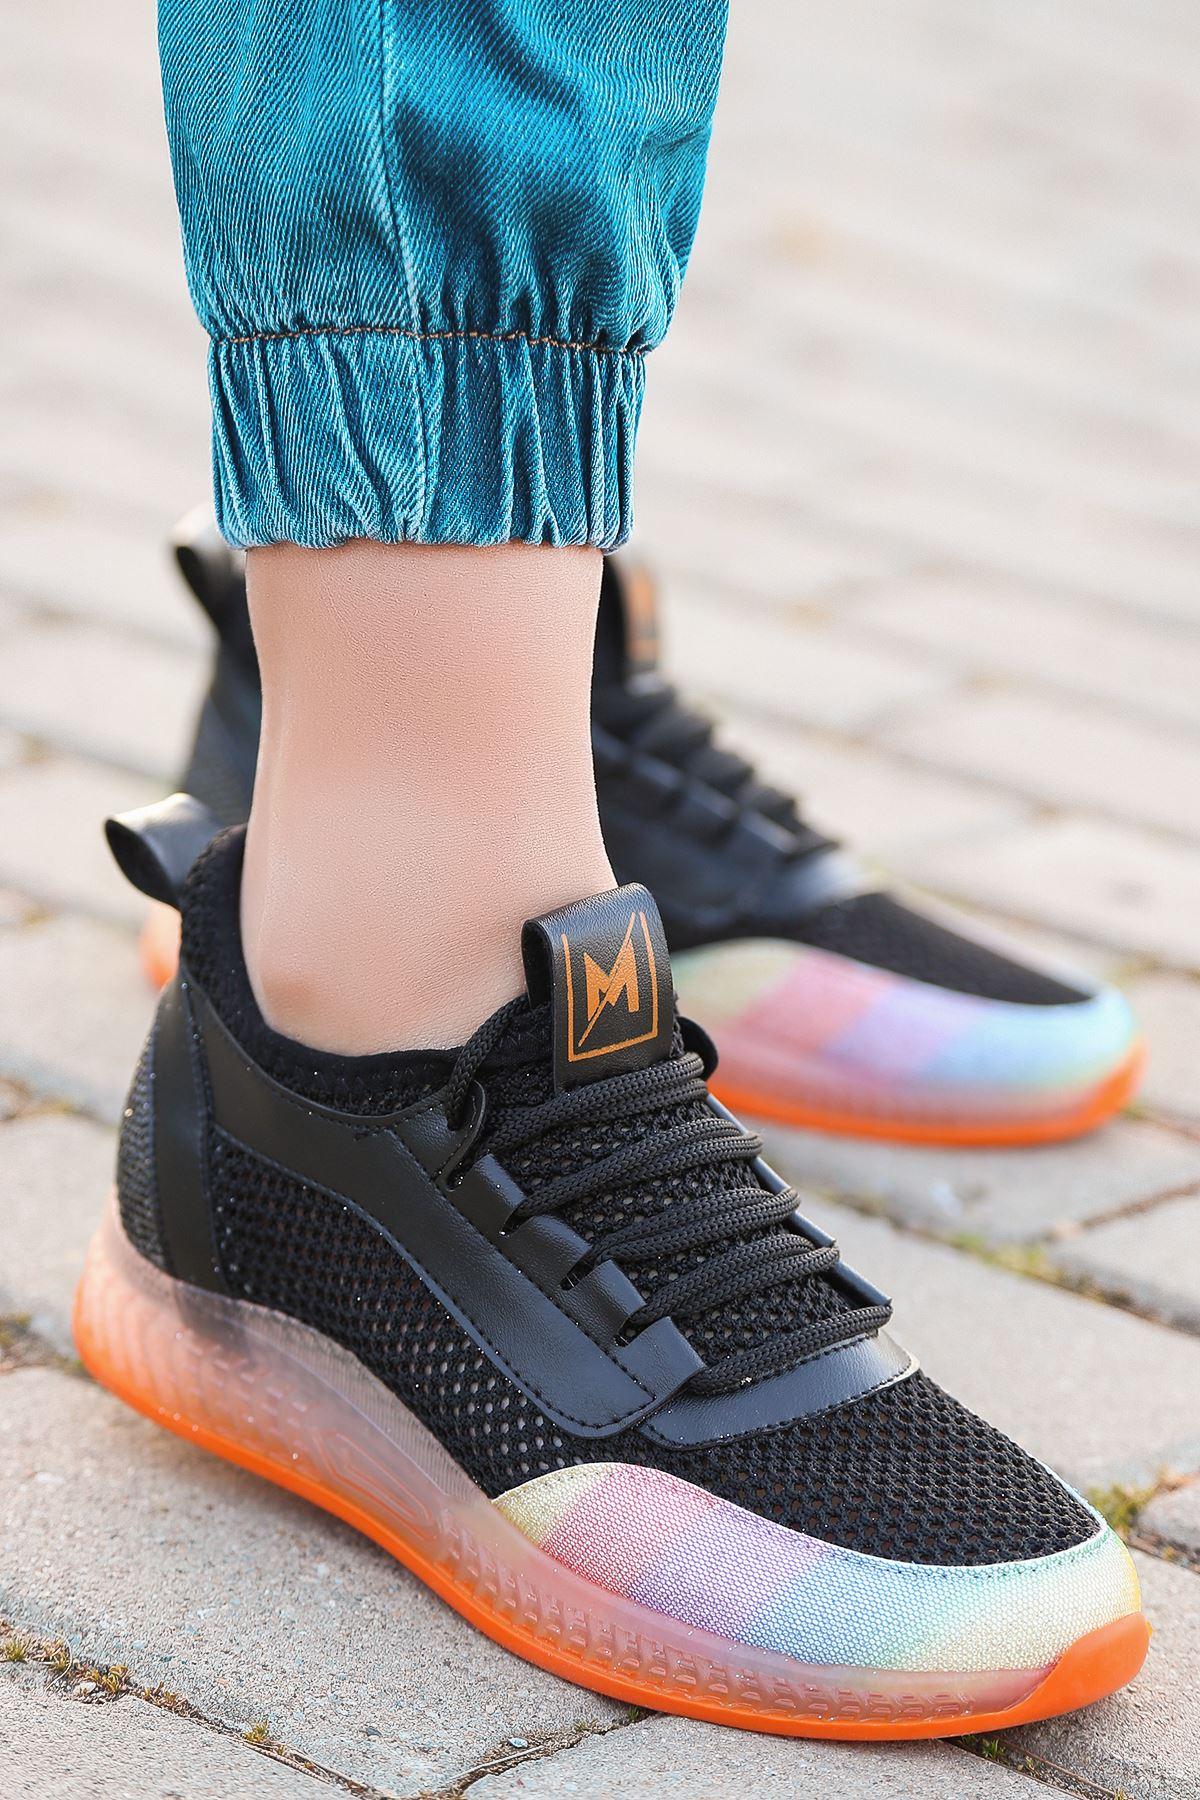 Jenny Siyah Gökkuşağı Triko Kadın Ayakkabı